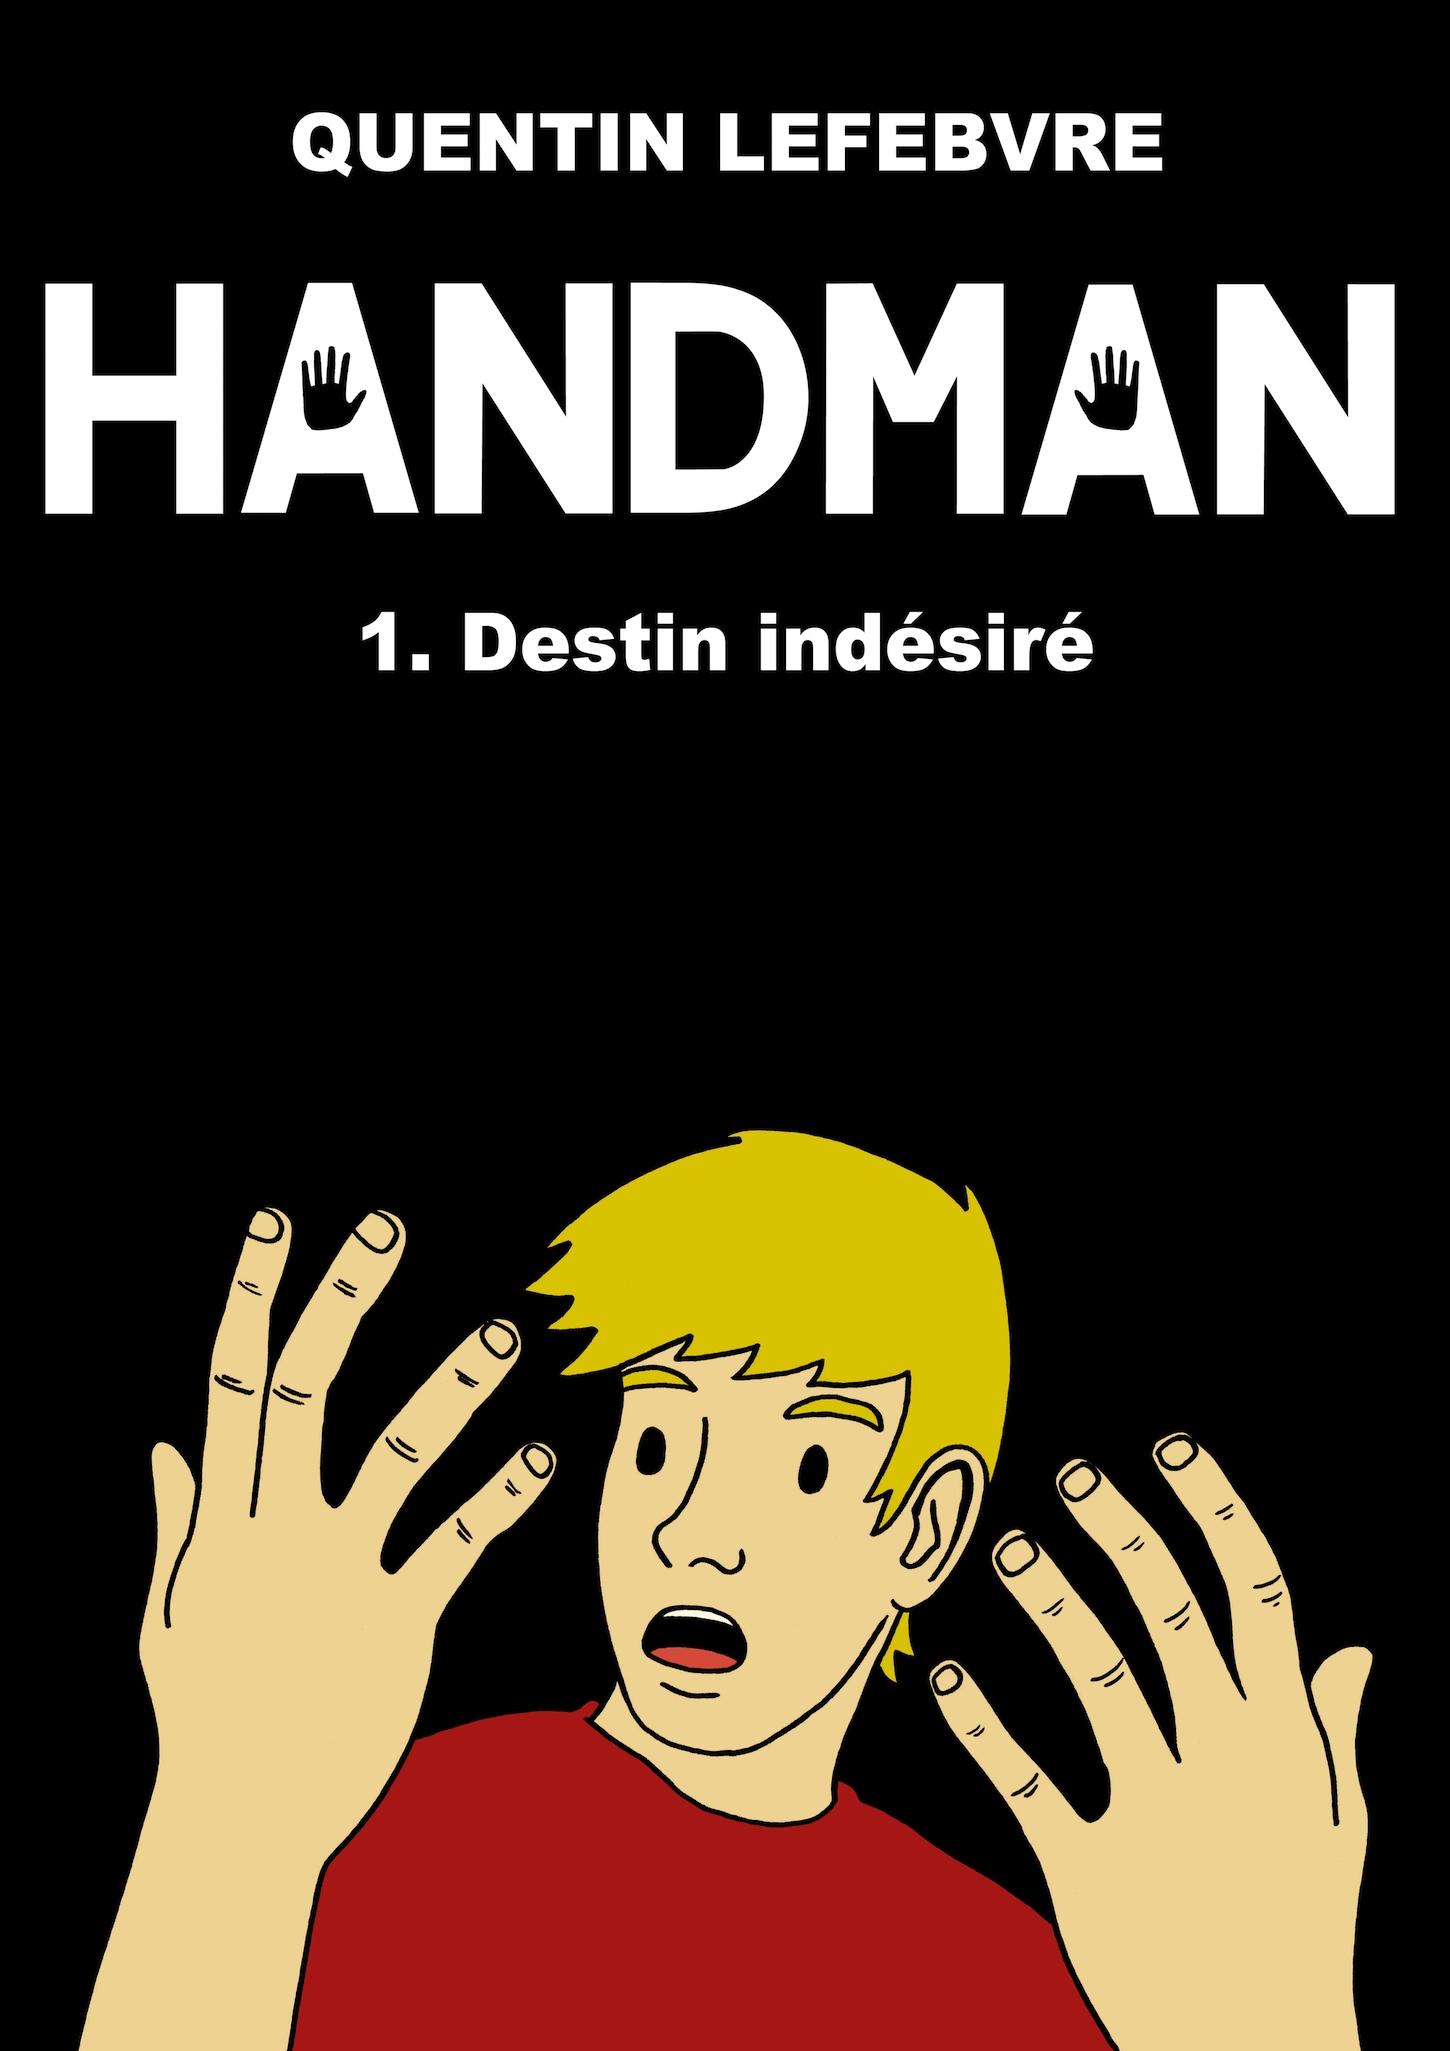 Handman1 couverture de la bd de quentin lefebvre